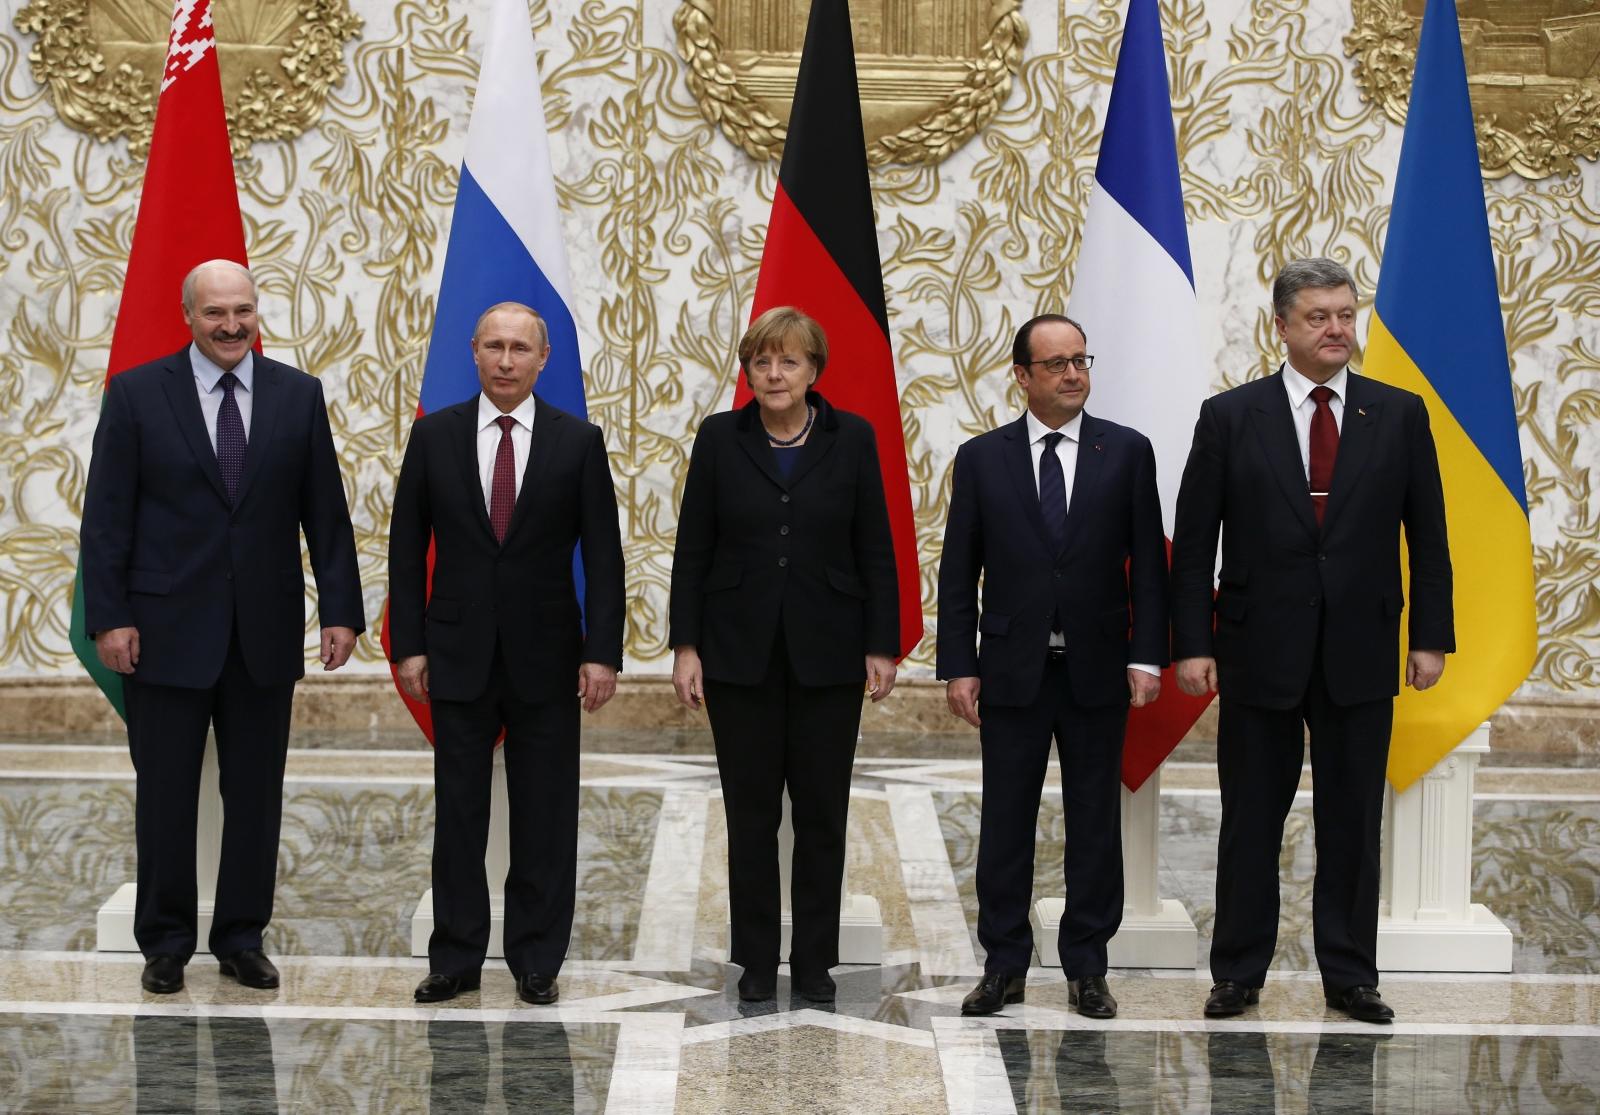 Minsk peace talks